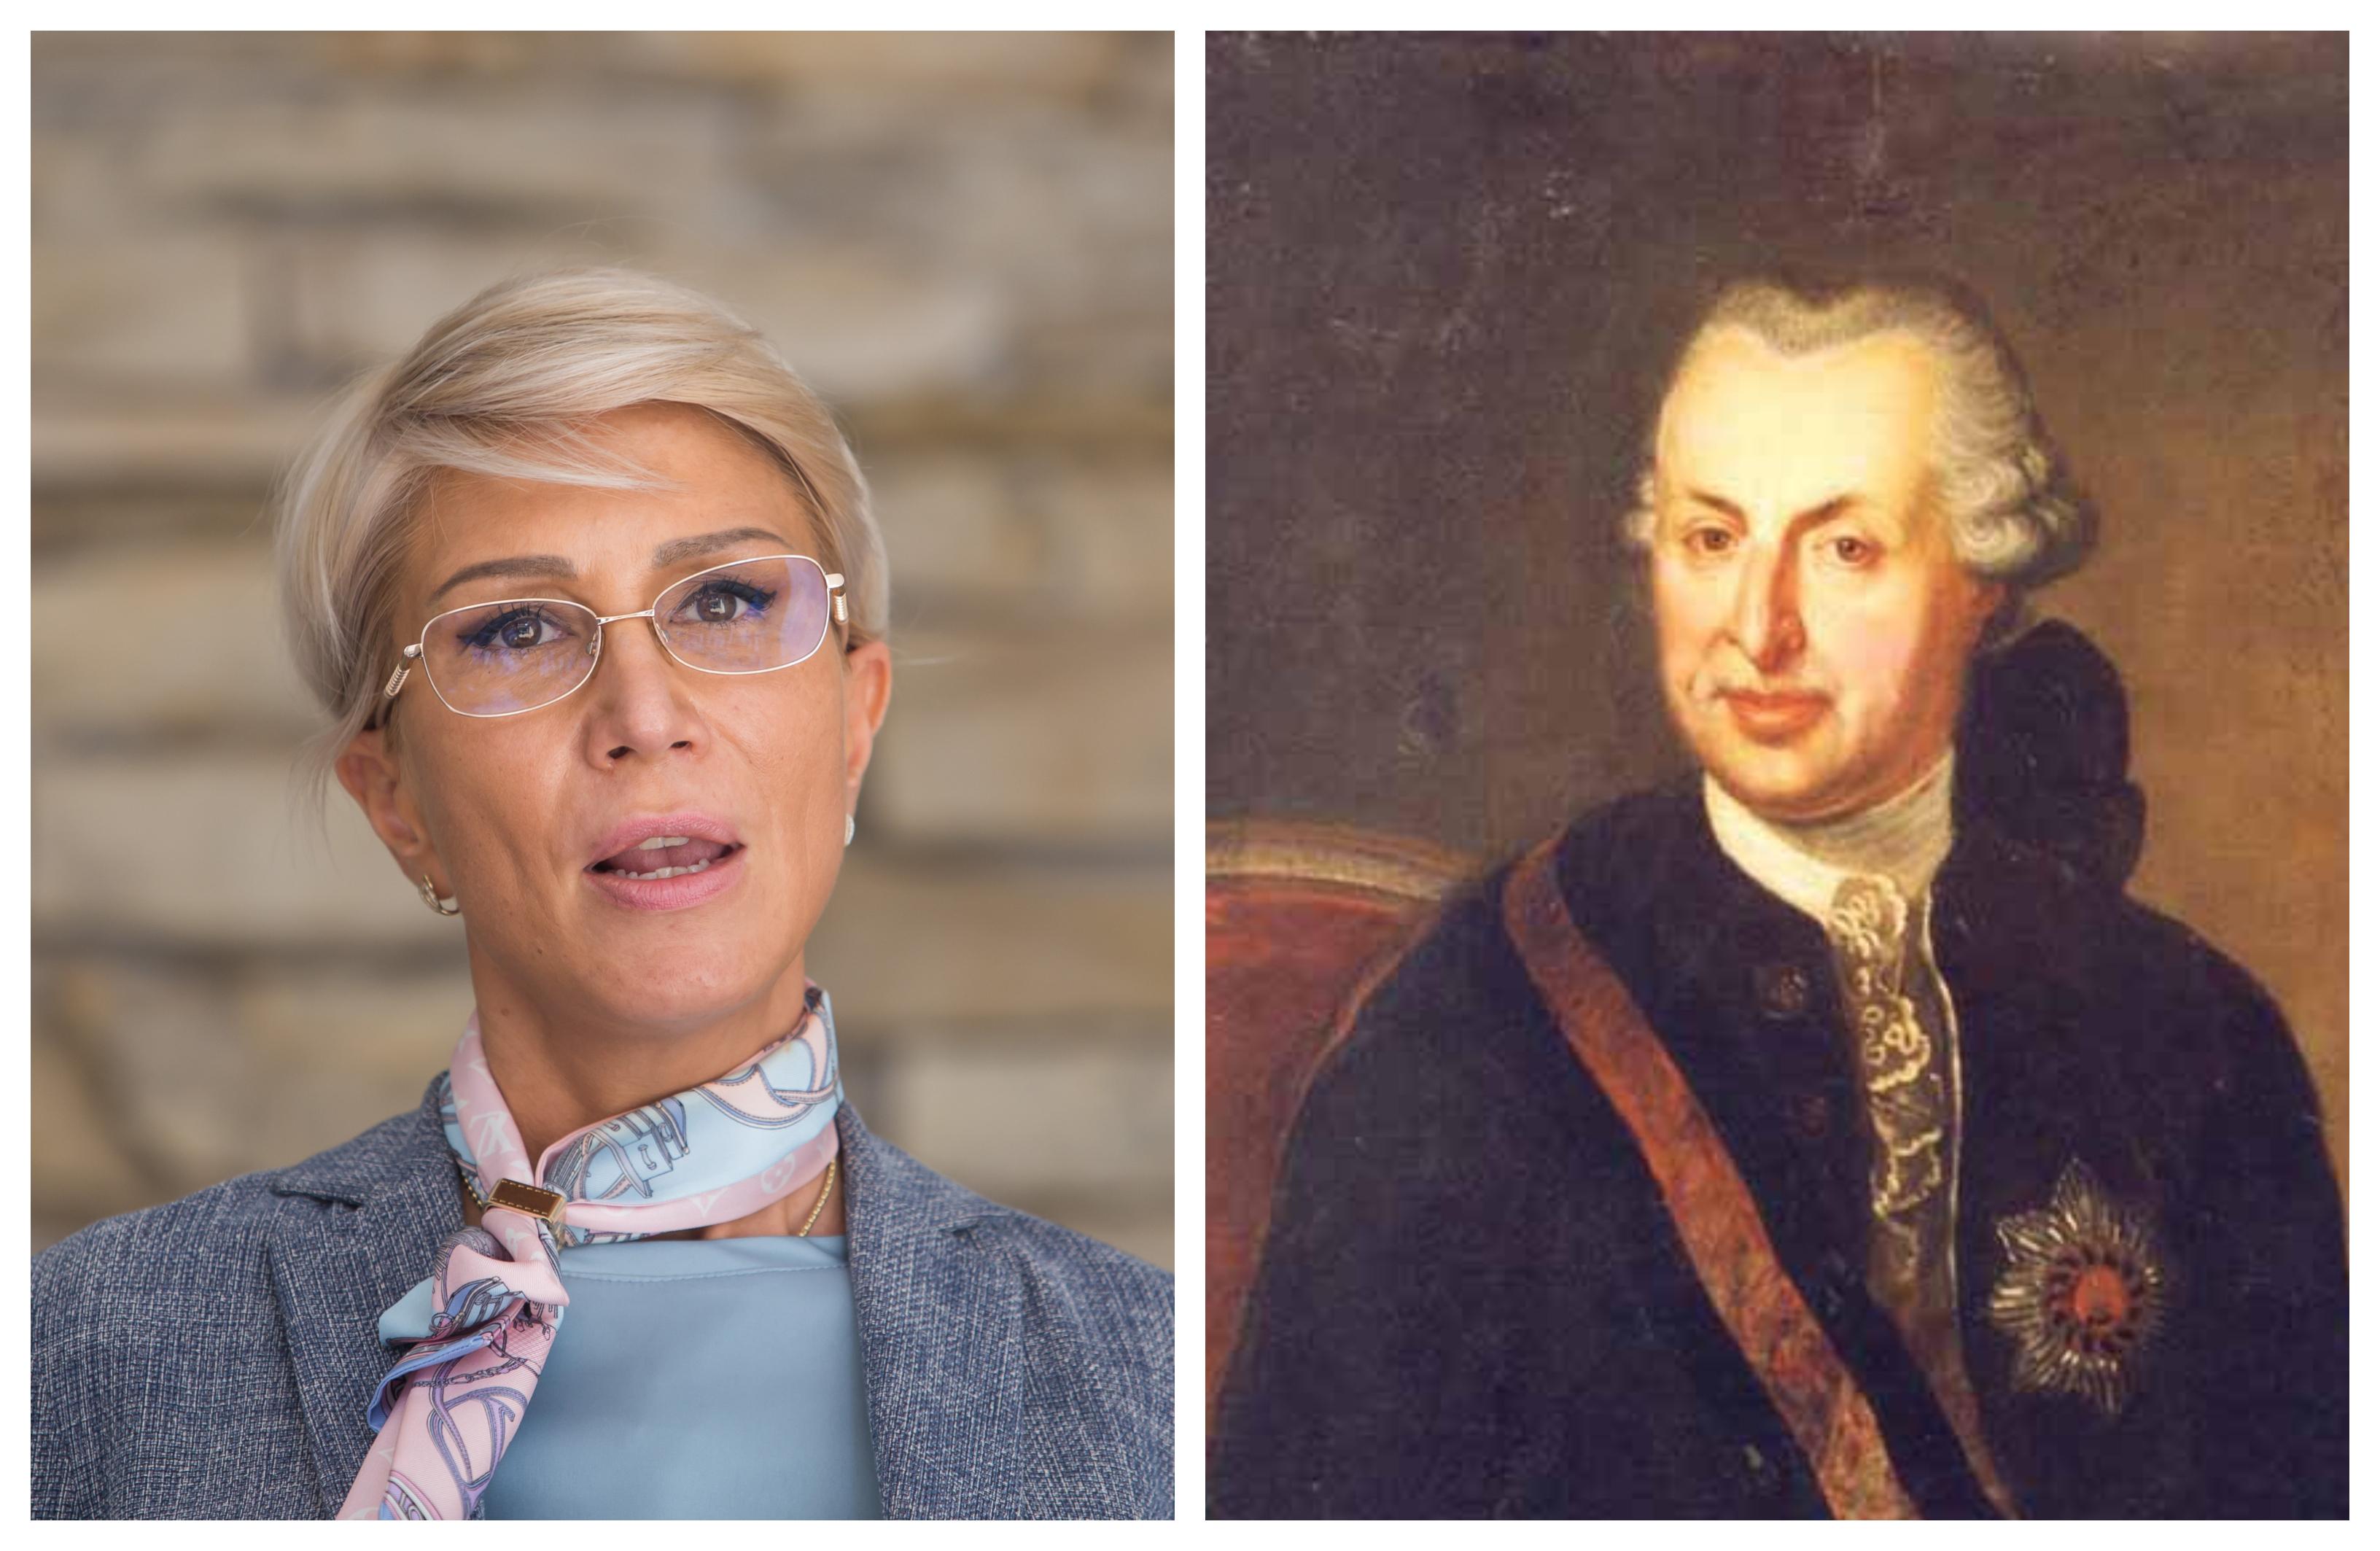 """Raluca Turcan i-a urat """"La multi ani"""" baronului Samuel von Brukenthal. Acesta a murit in 1803"""